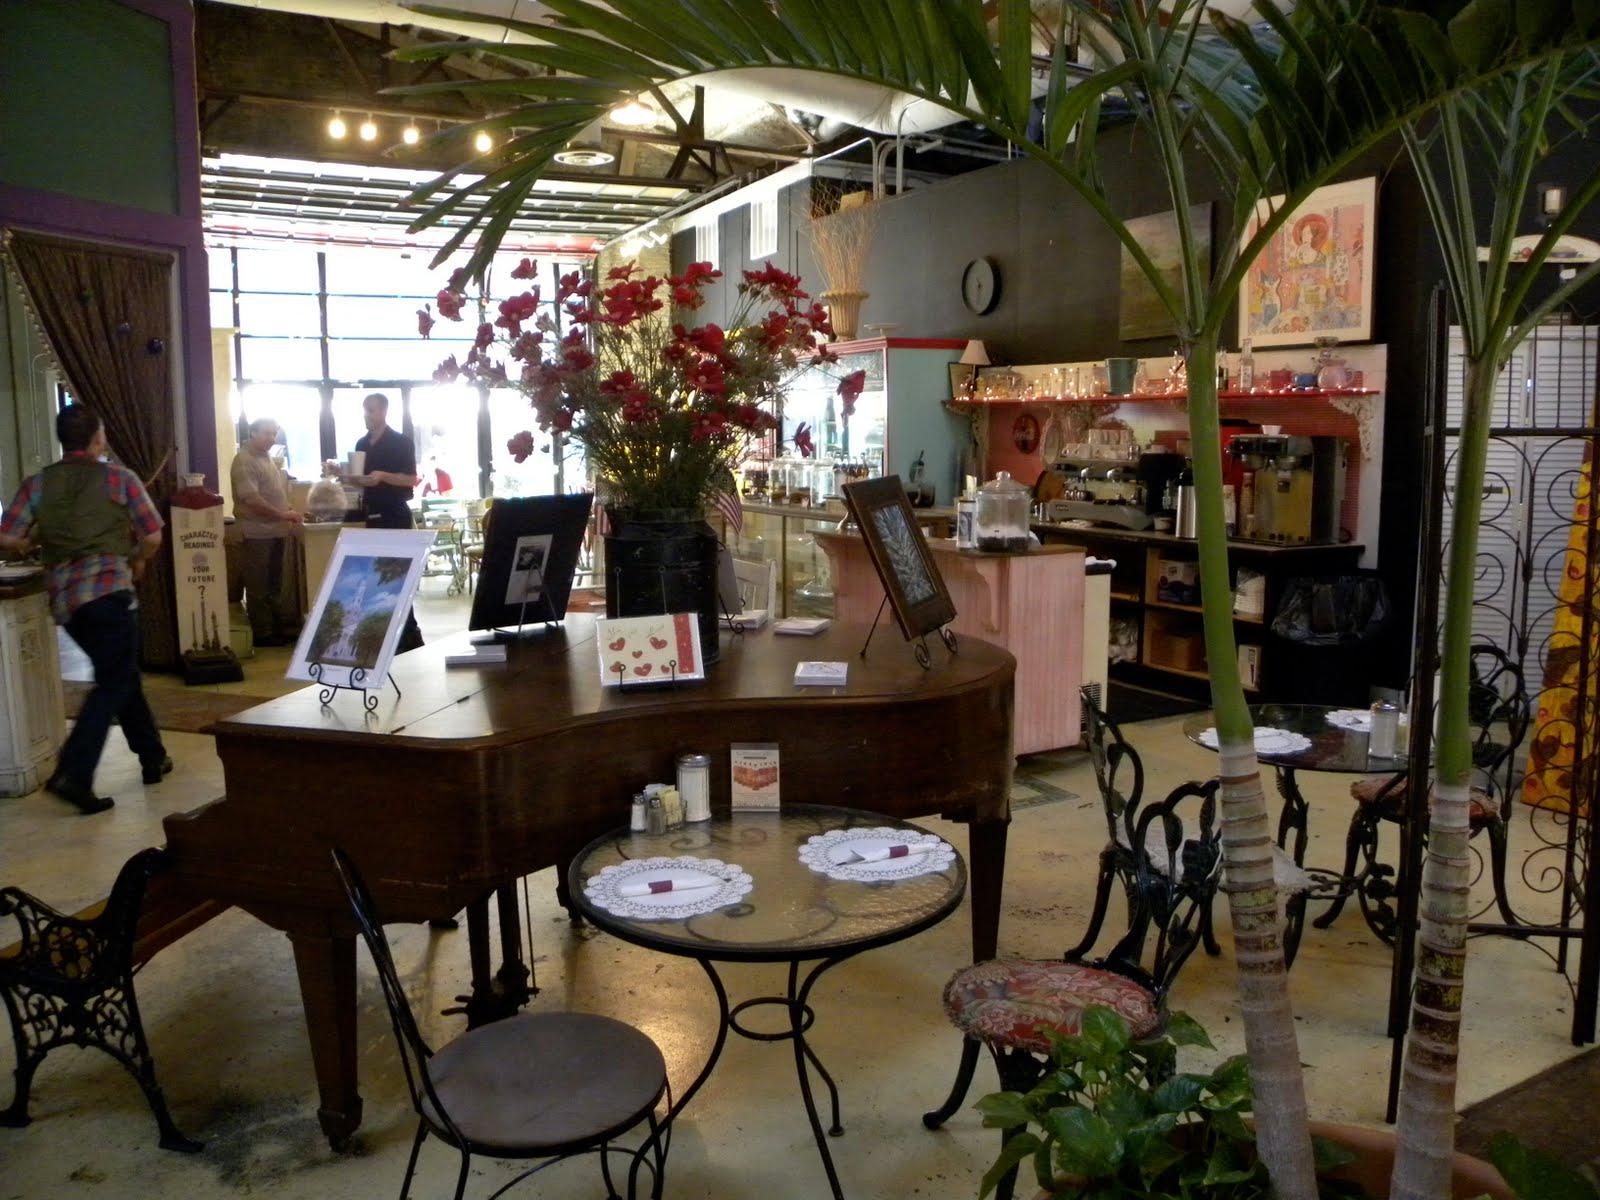 Soho South Cafe Savannah Ga Hours